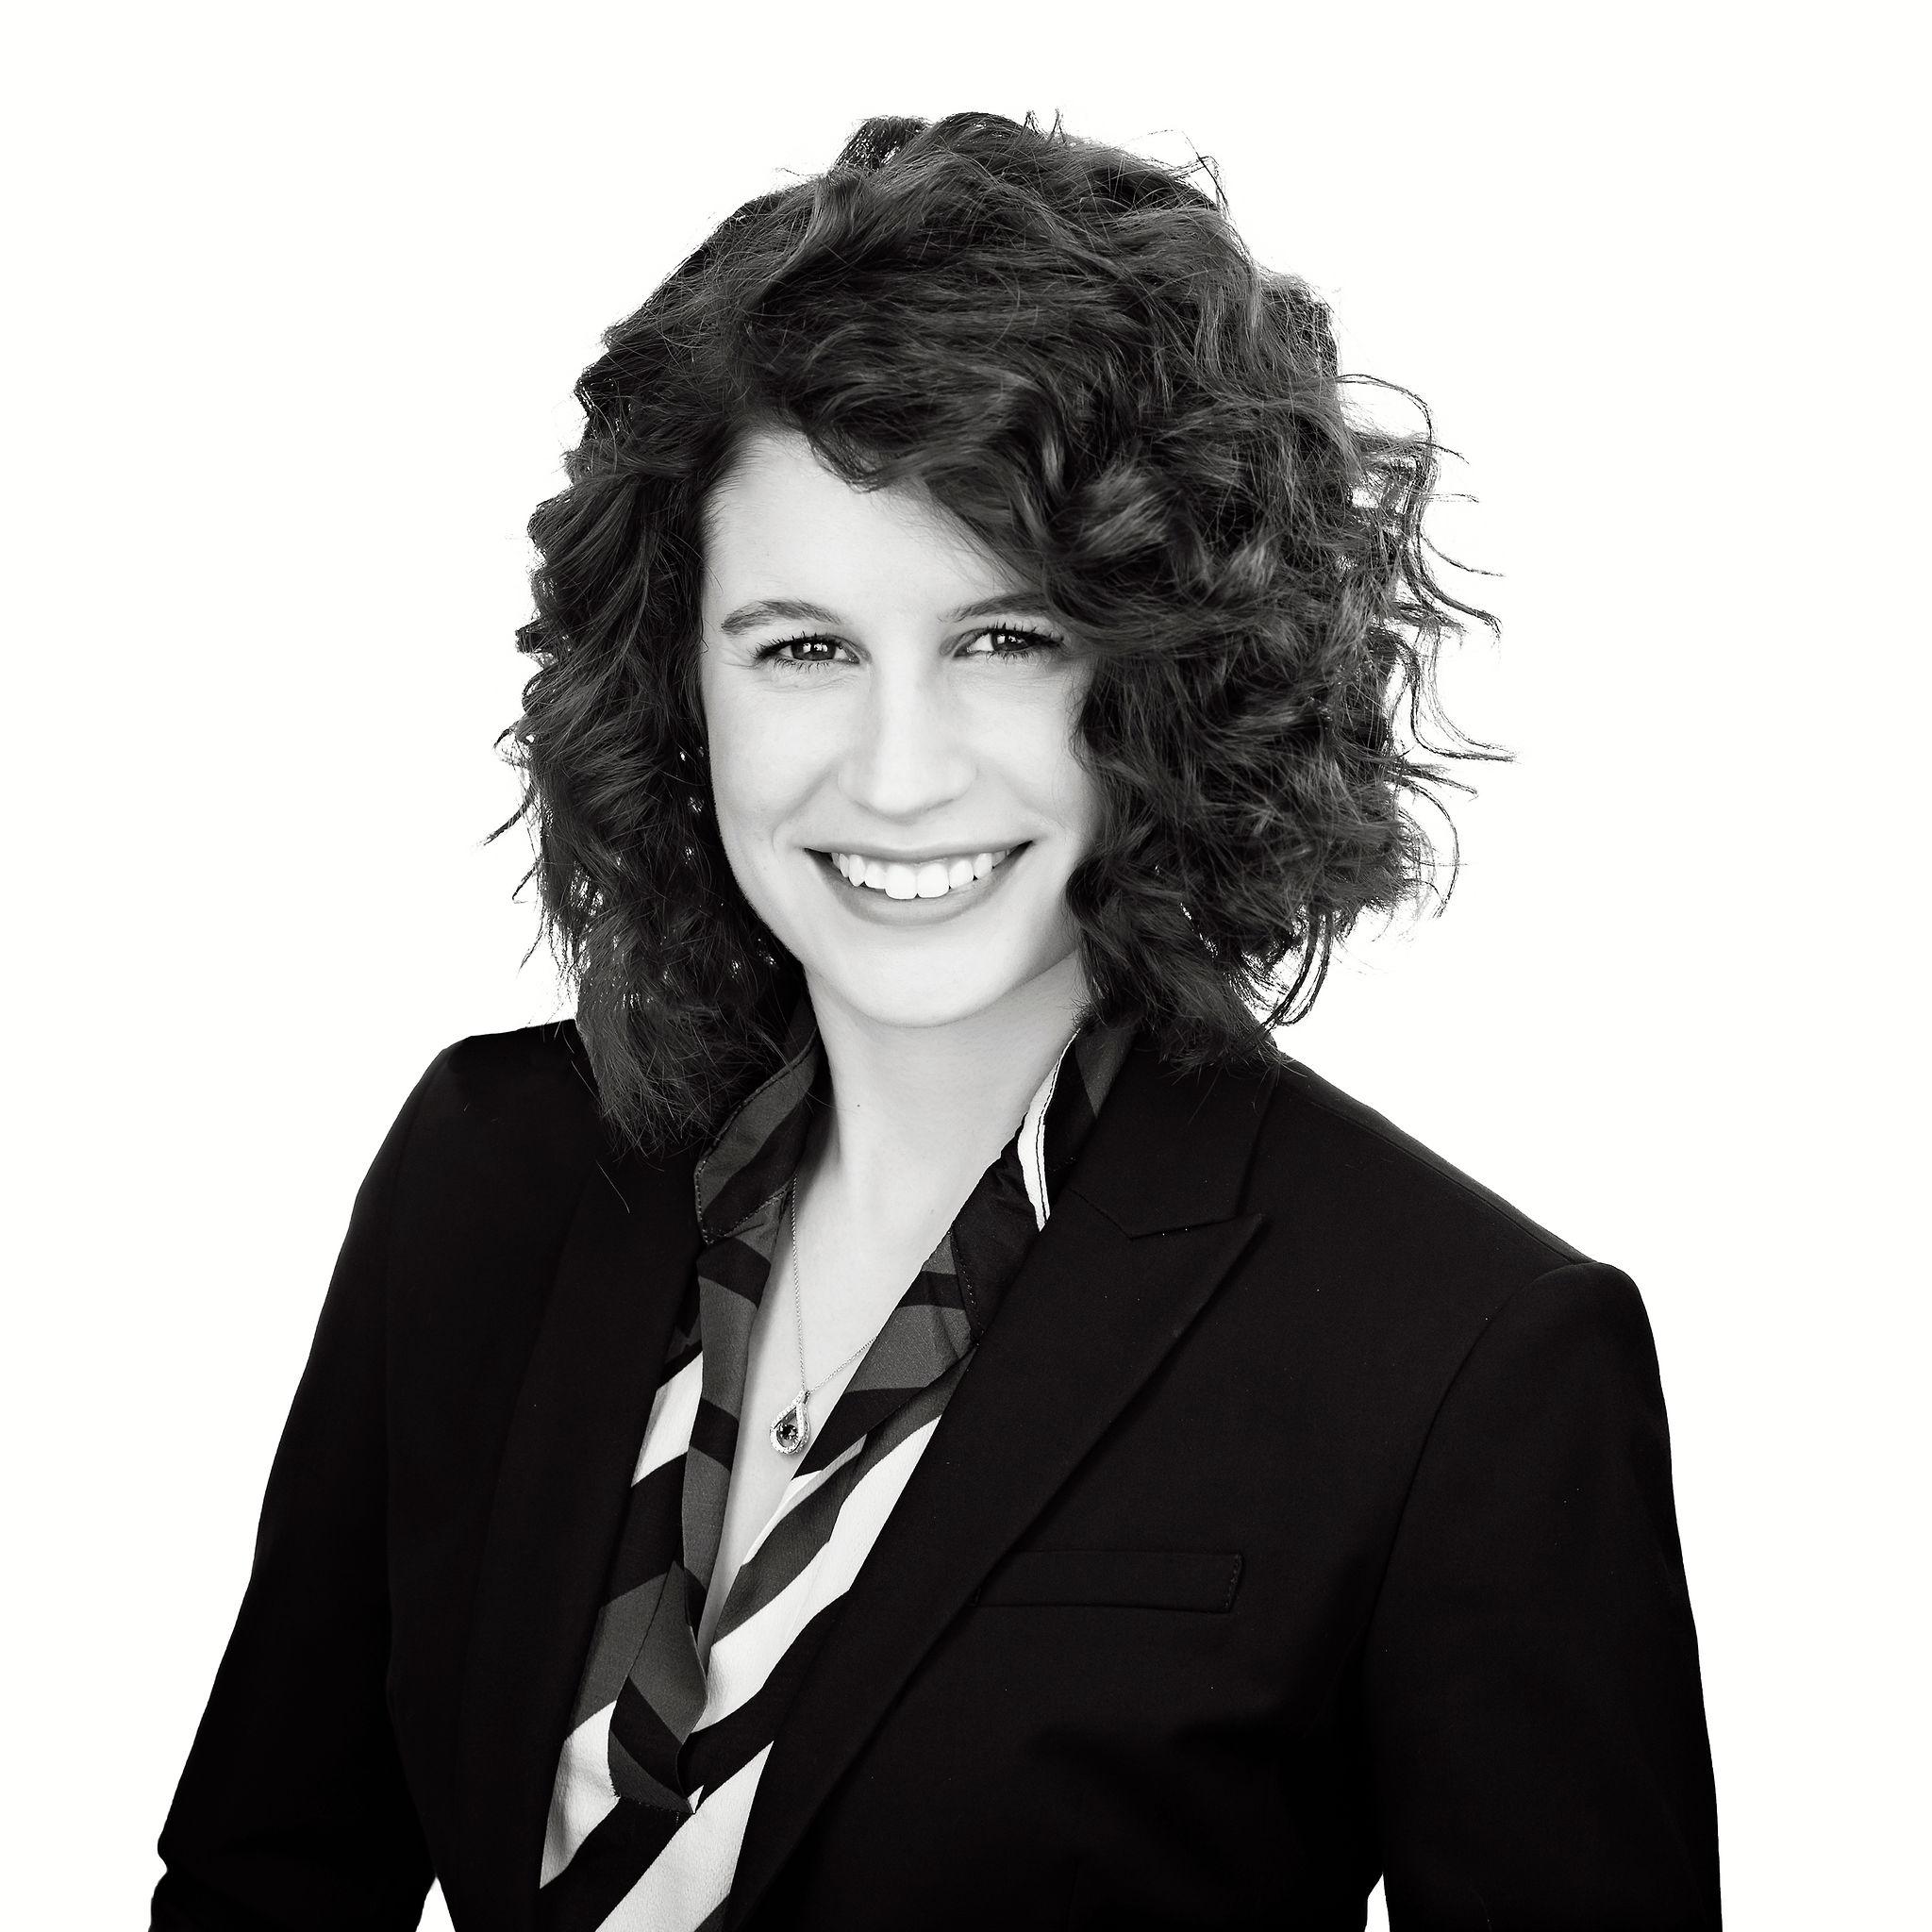 Joanna Lansche